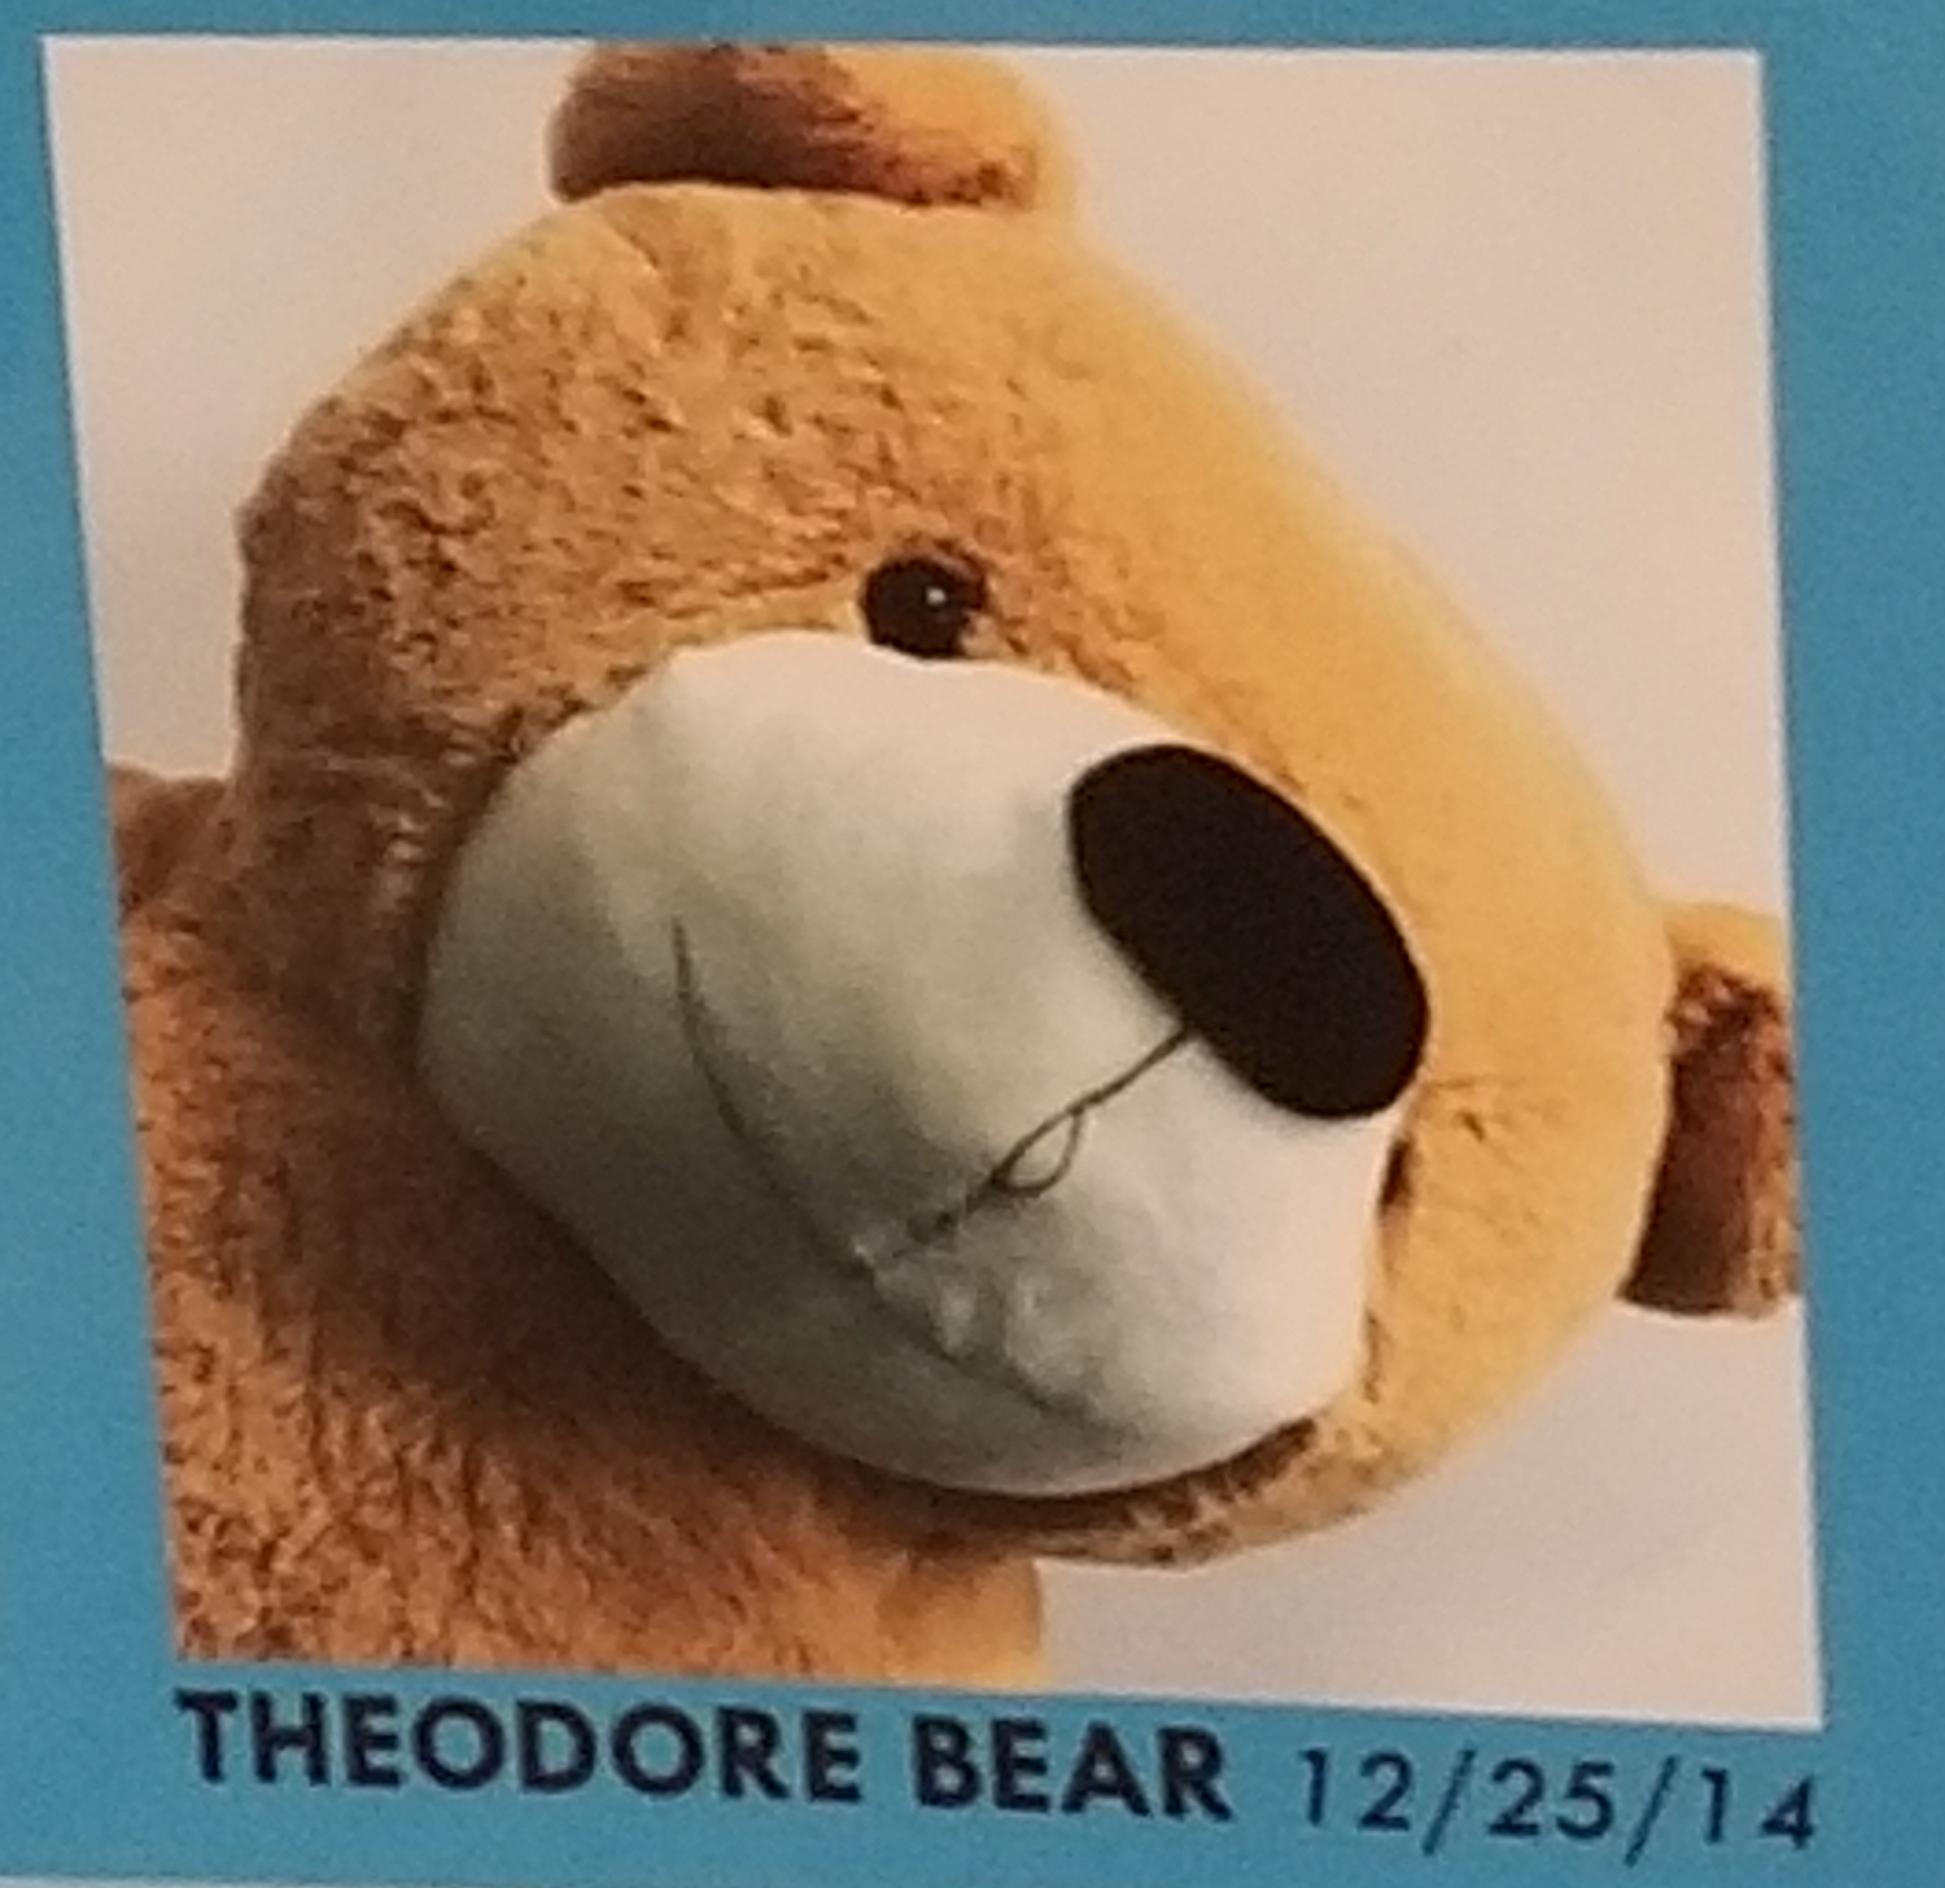 #WhattheChuckWednesday - Theodore Bear